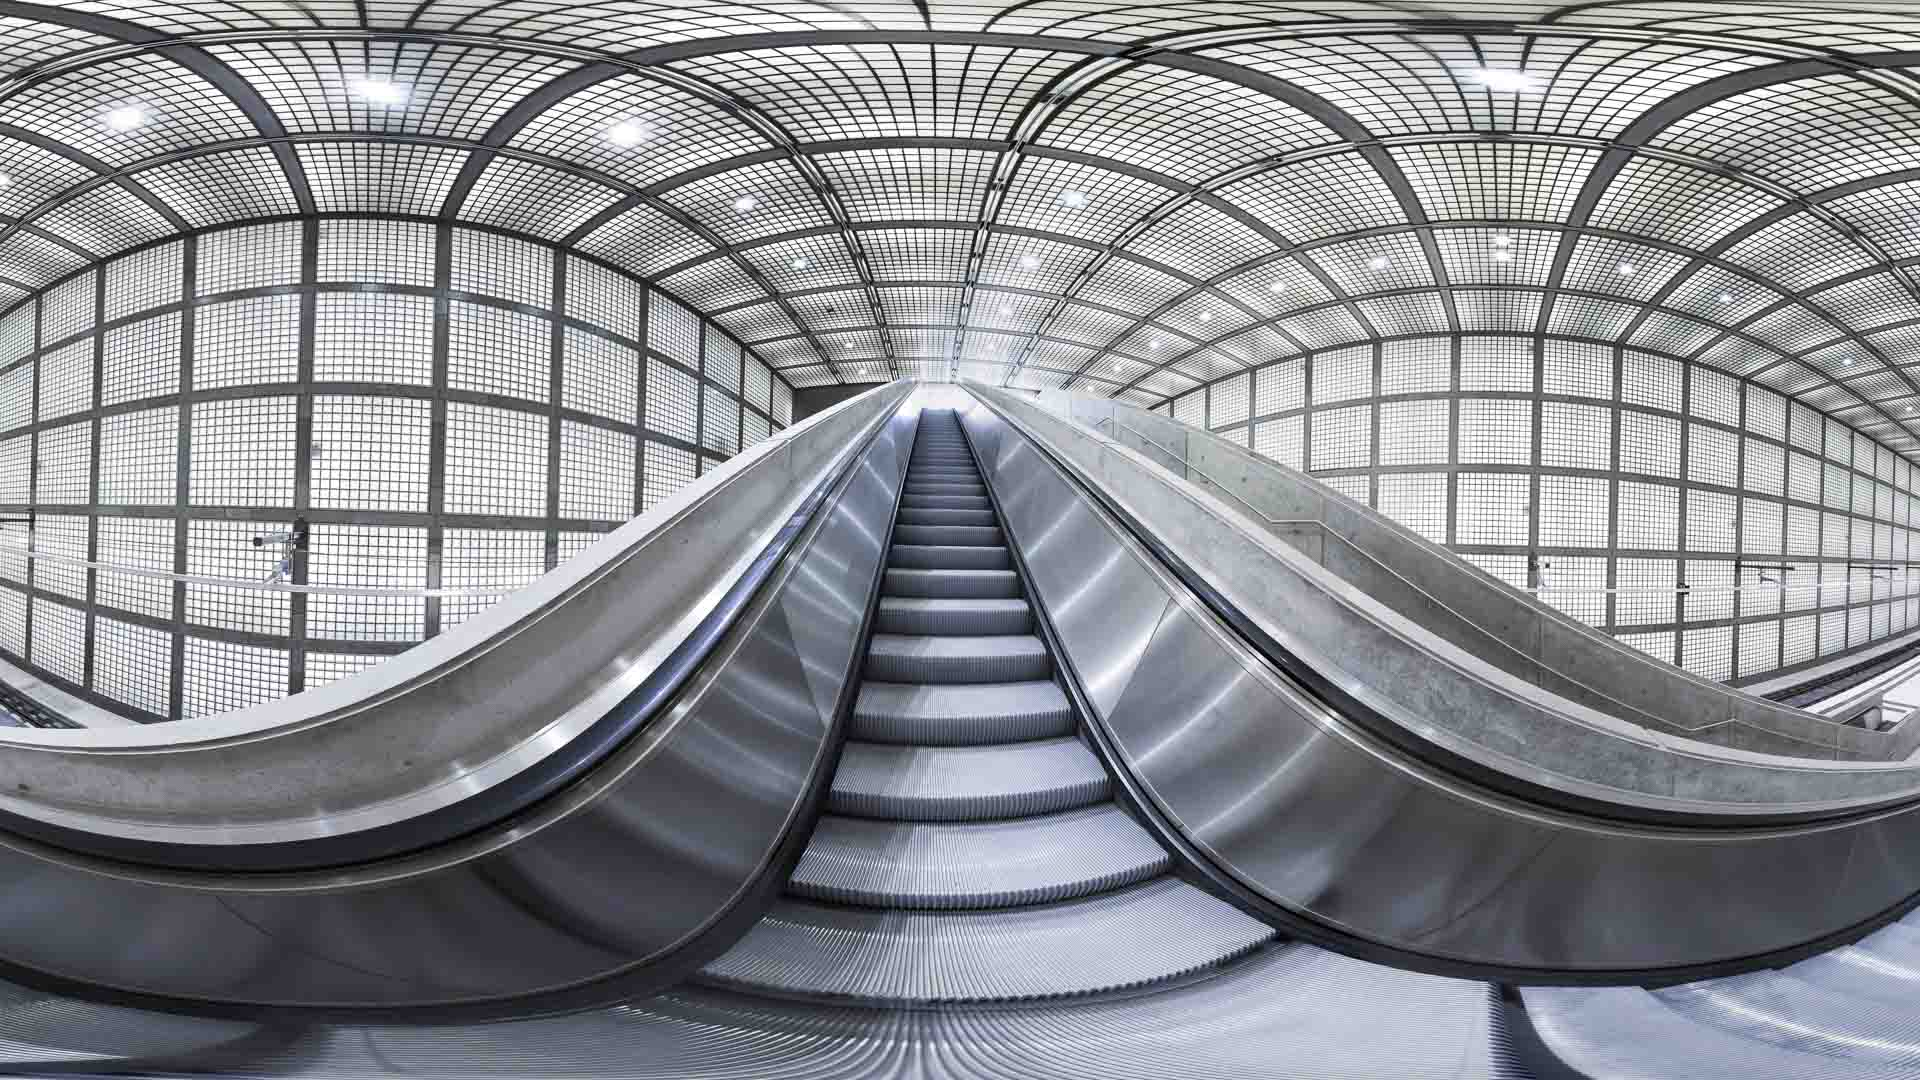 City-Tunnel Leipzig, Station Wilhelm-Leuschner Platz. Der City-Tunnel Leipzig ist ein Eisenbahnprojekt zur Umgestaltung des Schienenpersonennahverkehrs im Eisenbahnknoten Leipzig. Kernstück ist eine im Jahr 2013 fertiggestellte zweigleisige, elektrifizierte Hauptbahn, die von Leipzig Nord nach Leipzig Bayerischer Bahnhof führt. Sie unterquert zwischen dem Leipziger Hauptbahnhof und dem Bayerischen Bahnhof die Innenstadt in einem Tunnel. Dieser besteht aus zwei eingleisigen Röhren sowie vier unterirdischen Stationen. Darüber hinaus sind umfangreiche netzergänzende Maßnahmen zur Ertüchtigung der zuführenden Strecken und Stationen ein Bestandteil des Projekts.Der Tunnel wird von nahezu allen Linien des neuen Netzes der S-Bahn Mitteldeutschland befahren werden. Durch Angebotsverbesserungen und – vor allen Dingen in Nord-Süd-Richtung – schnellere Verbindungen[1] soll die Attraktivität des Öffentlichen Personennahverkehrs gesteigert werden.Die Bauarbeiten begannen im Juli 2003,[2] die Inbetriebnahme war zunächst für Ende 2009 geplant.[3] Der Tunnel soll am 14. Dezember 2013 feierlich eröffnet werden, der fahrplanmäßige Betrieb am 15. Dezember 2013 beginnen. Die Kosten des Projekts belaufen sich auf 960 Millionen Euro.